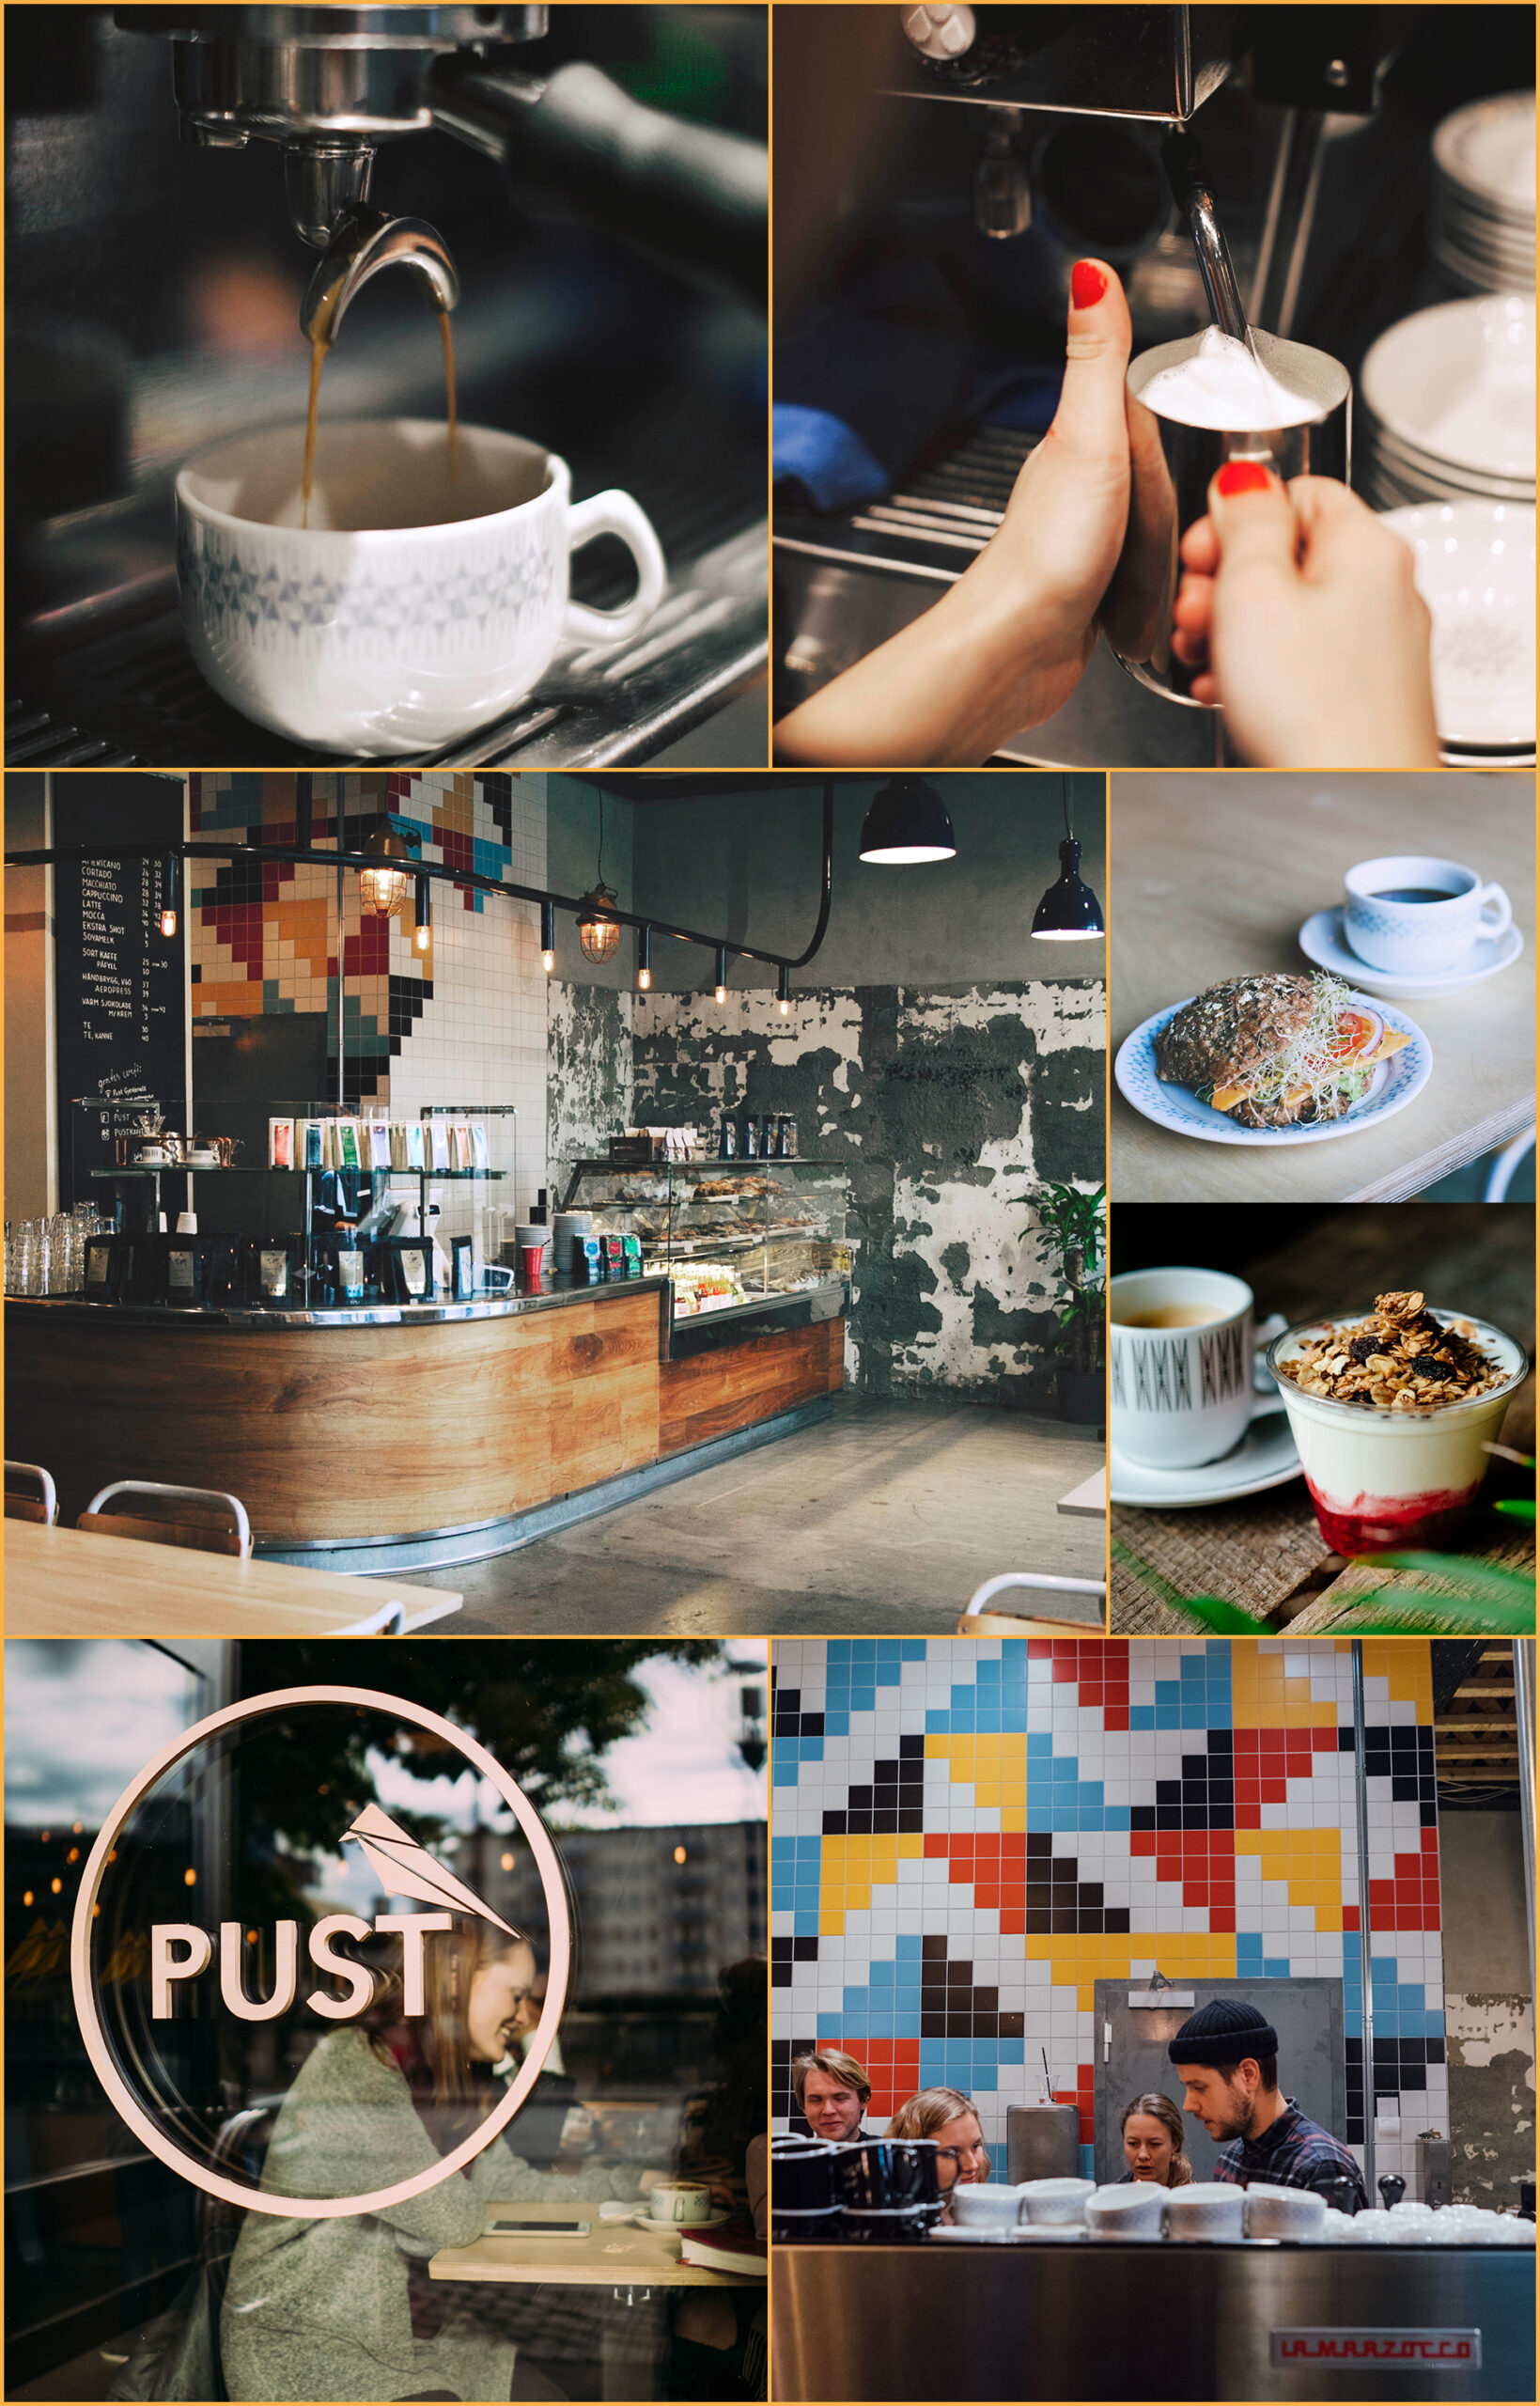 Flere bilder fra PUST